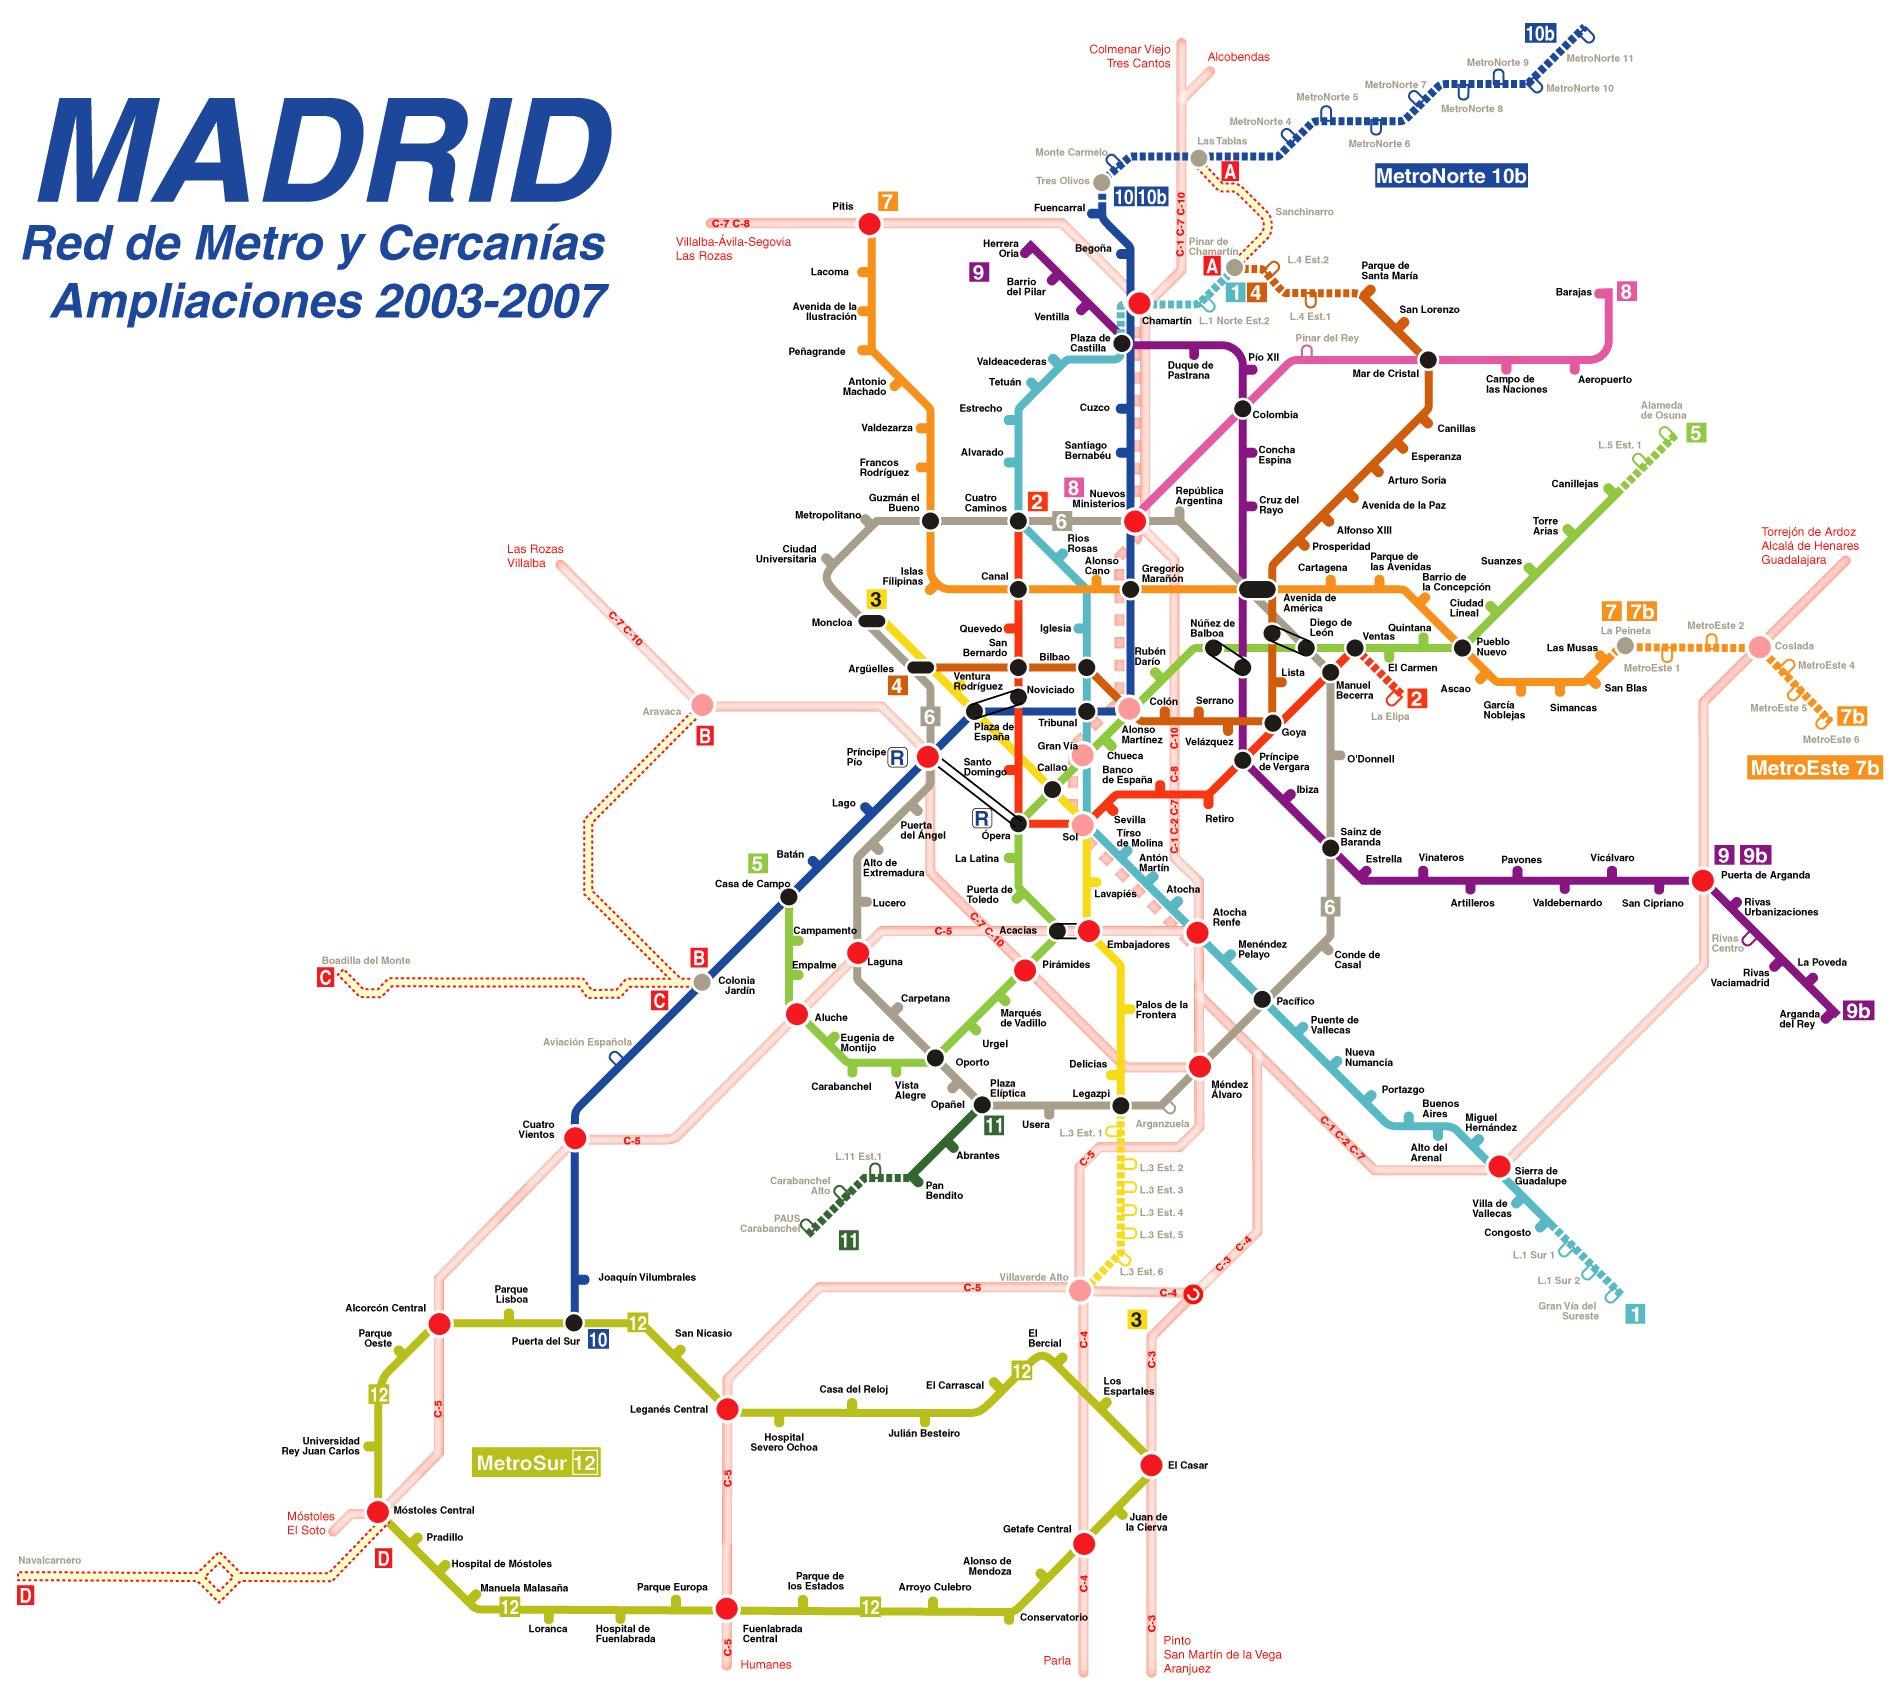 Red de Metro y Cercanías ampliaciones 2003-2007